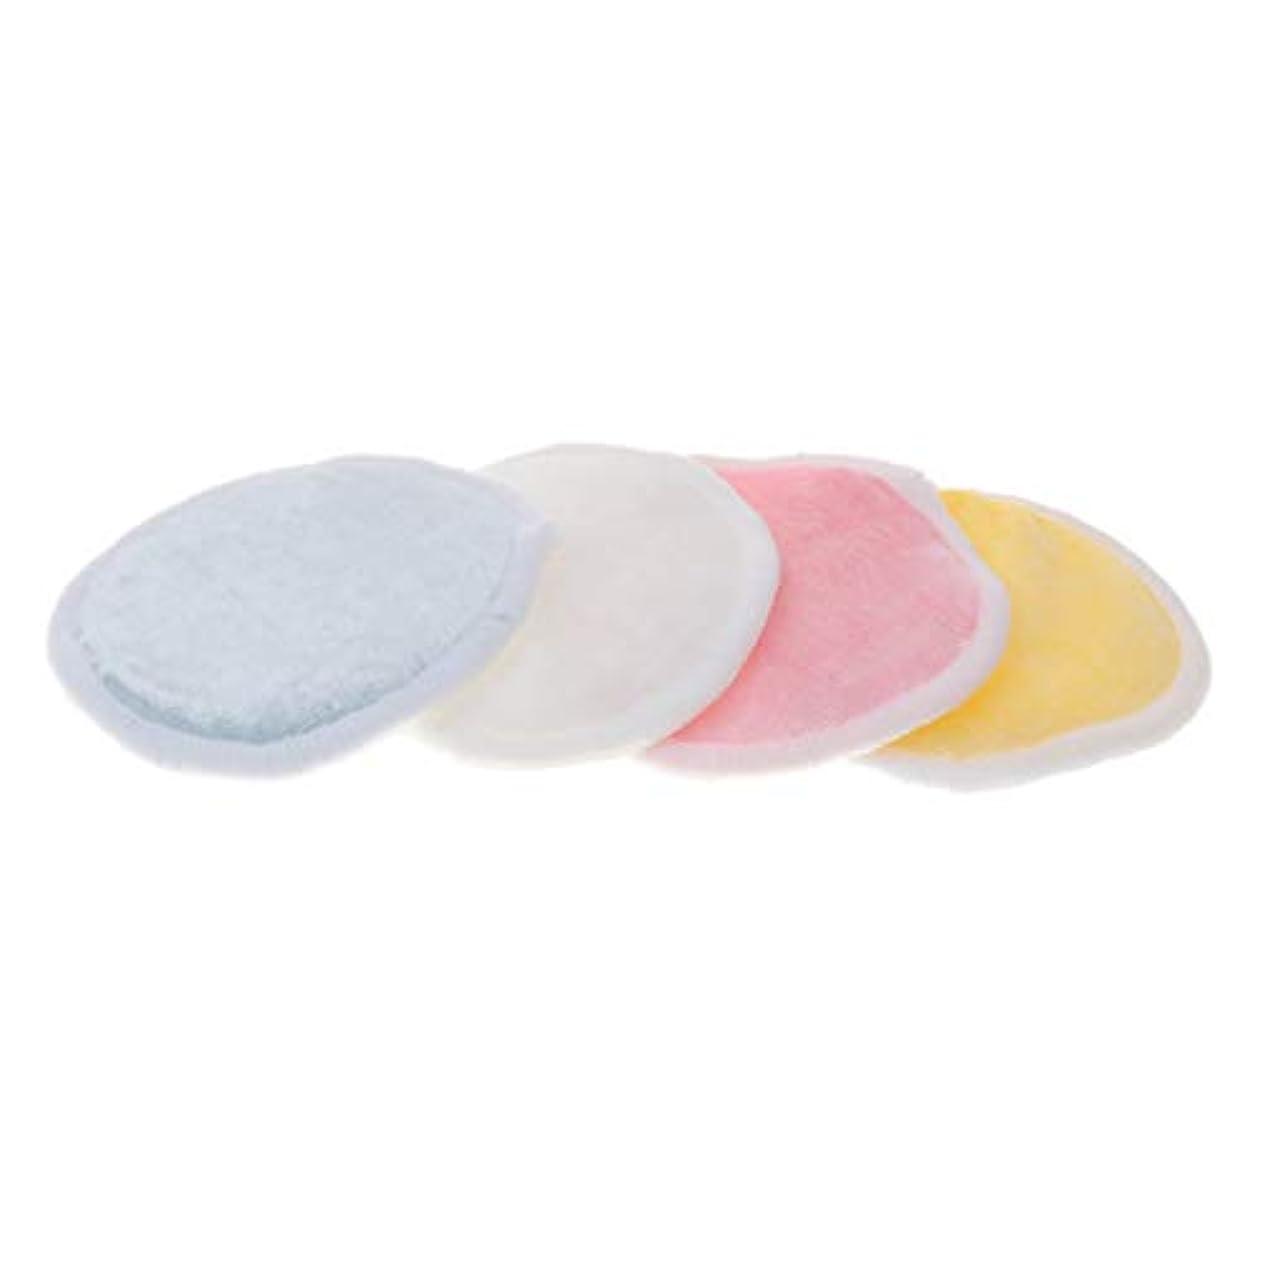 引っ張る空白広げるCUTICATE 全2サイズ メイク落としコットン クレンジングシート 化粧水パッド 再使用可 バッグ付 化粧用 4個入 - L